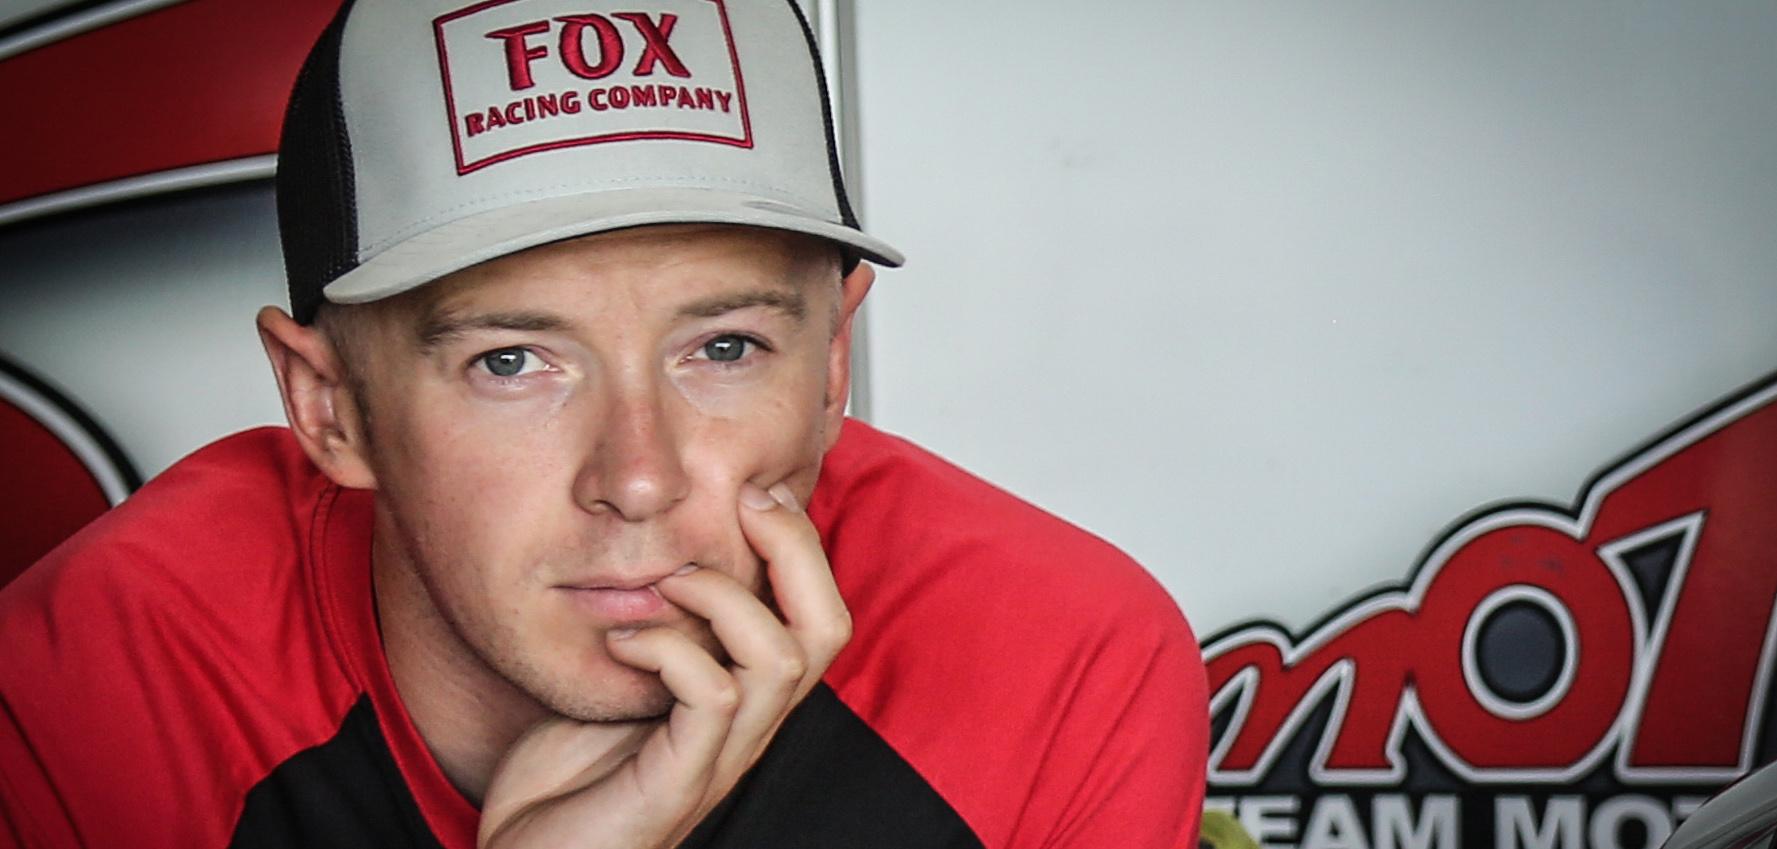 ジェームス・ウェストモーランド:耐久レースに魅せられたライダー